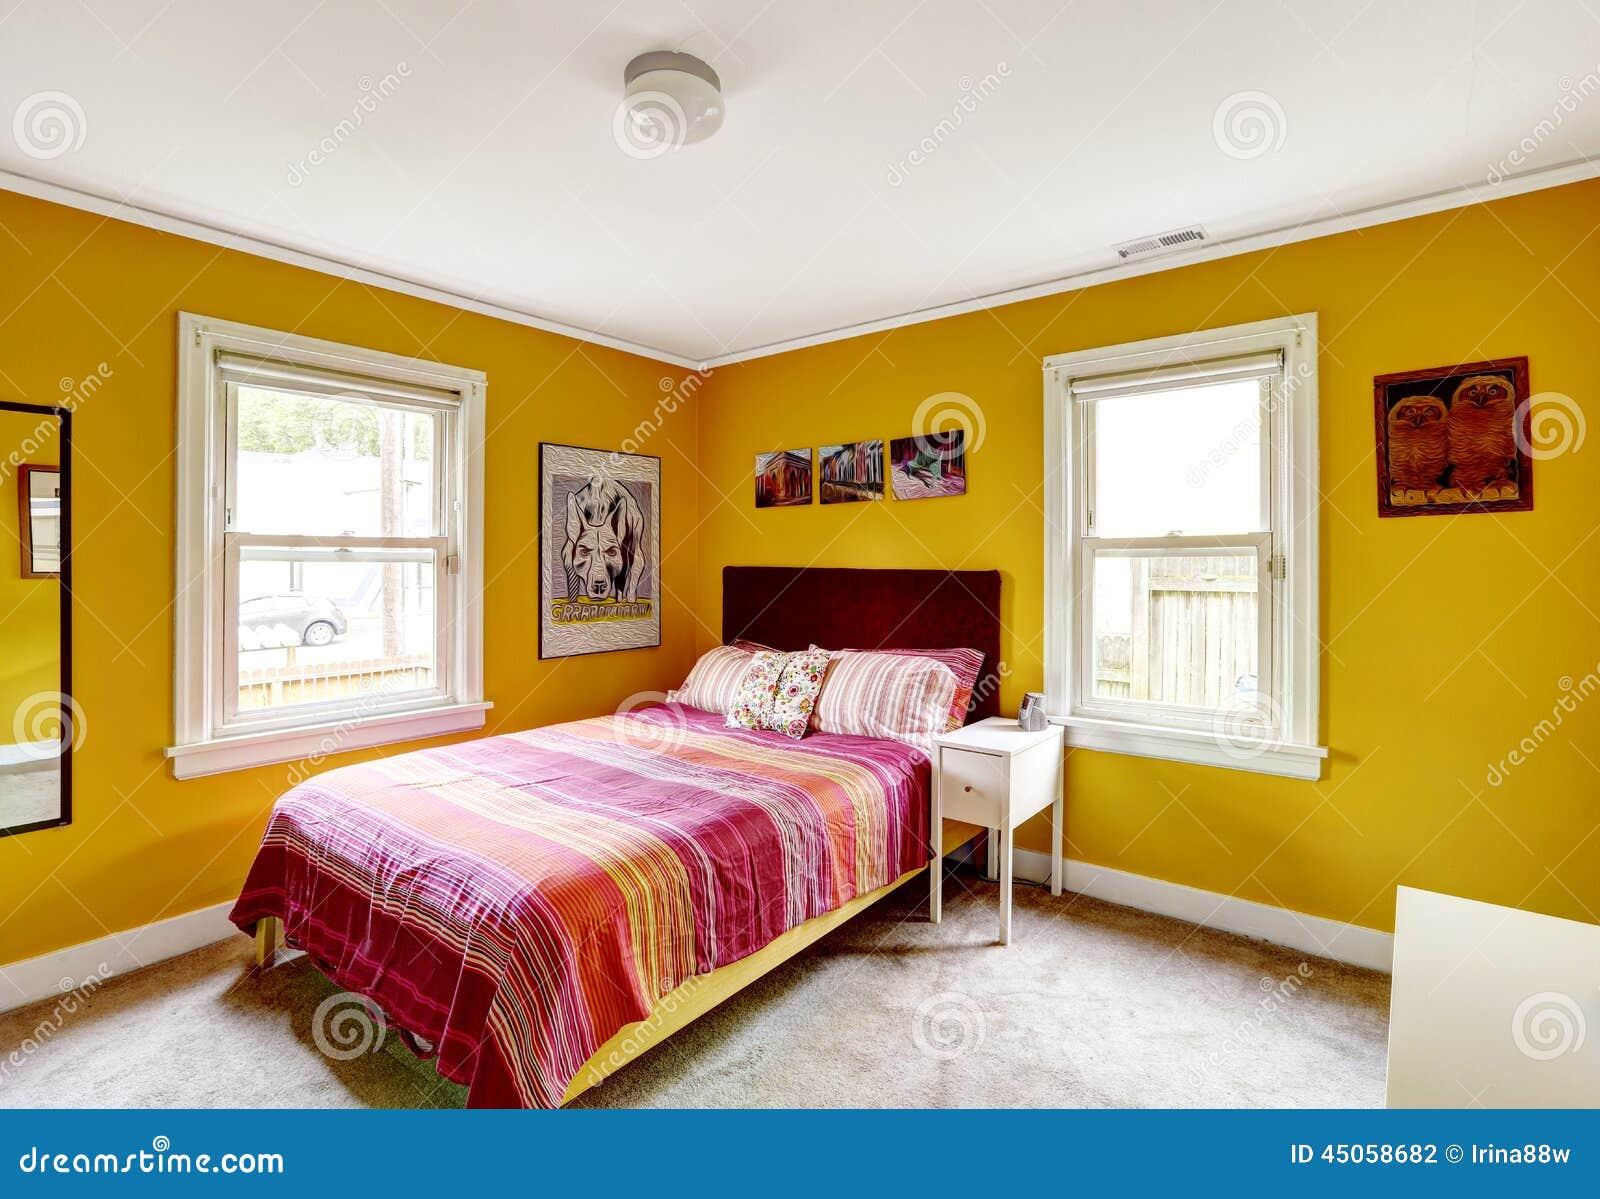 Camera Da Letto Giallo : Interno giallo luminoso della camera da letto fotografia stock